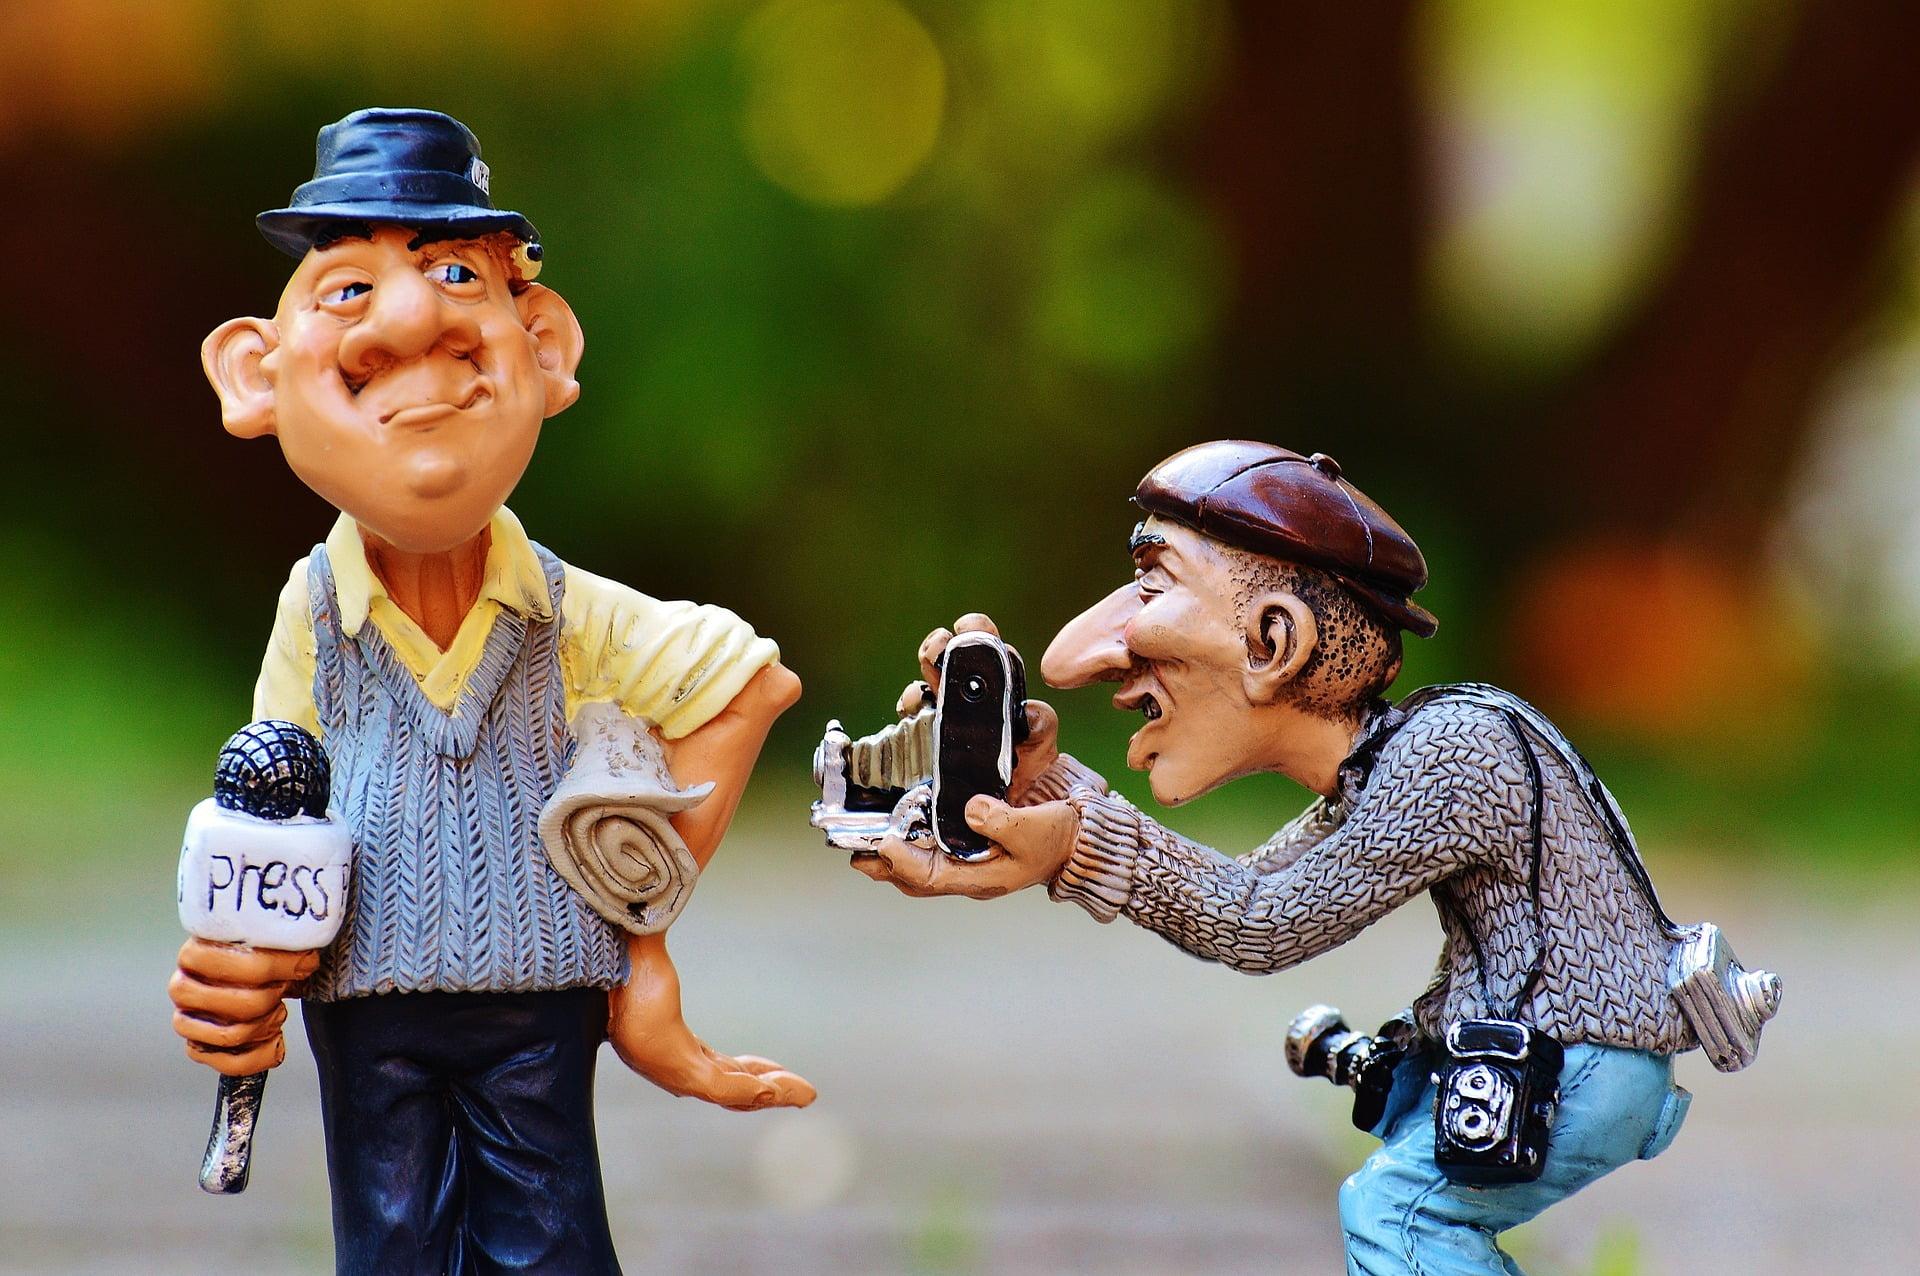 Zwei Figuren, Reporter und Fotograf, lustig